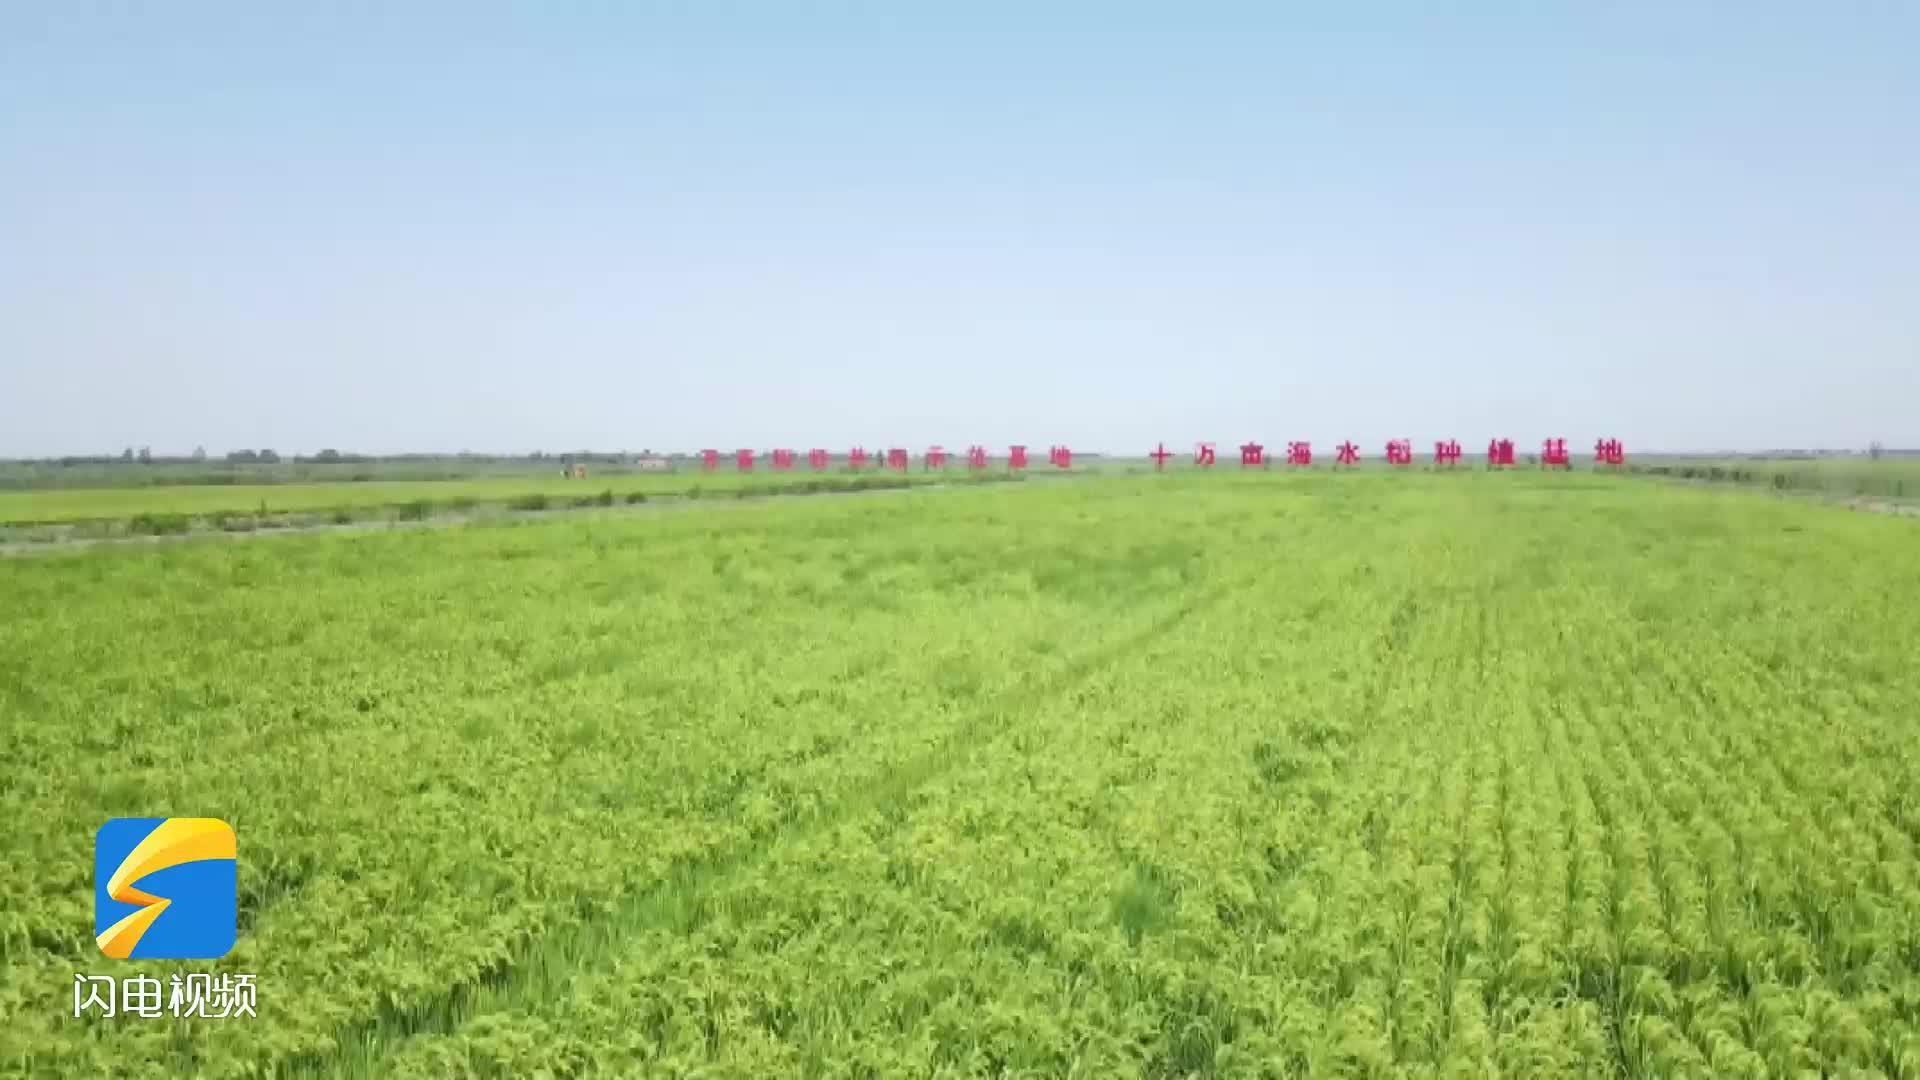 潍坊寒亭:盐碱滩上稻花香 海水稻丰收在望